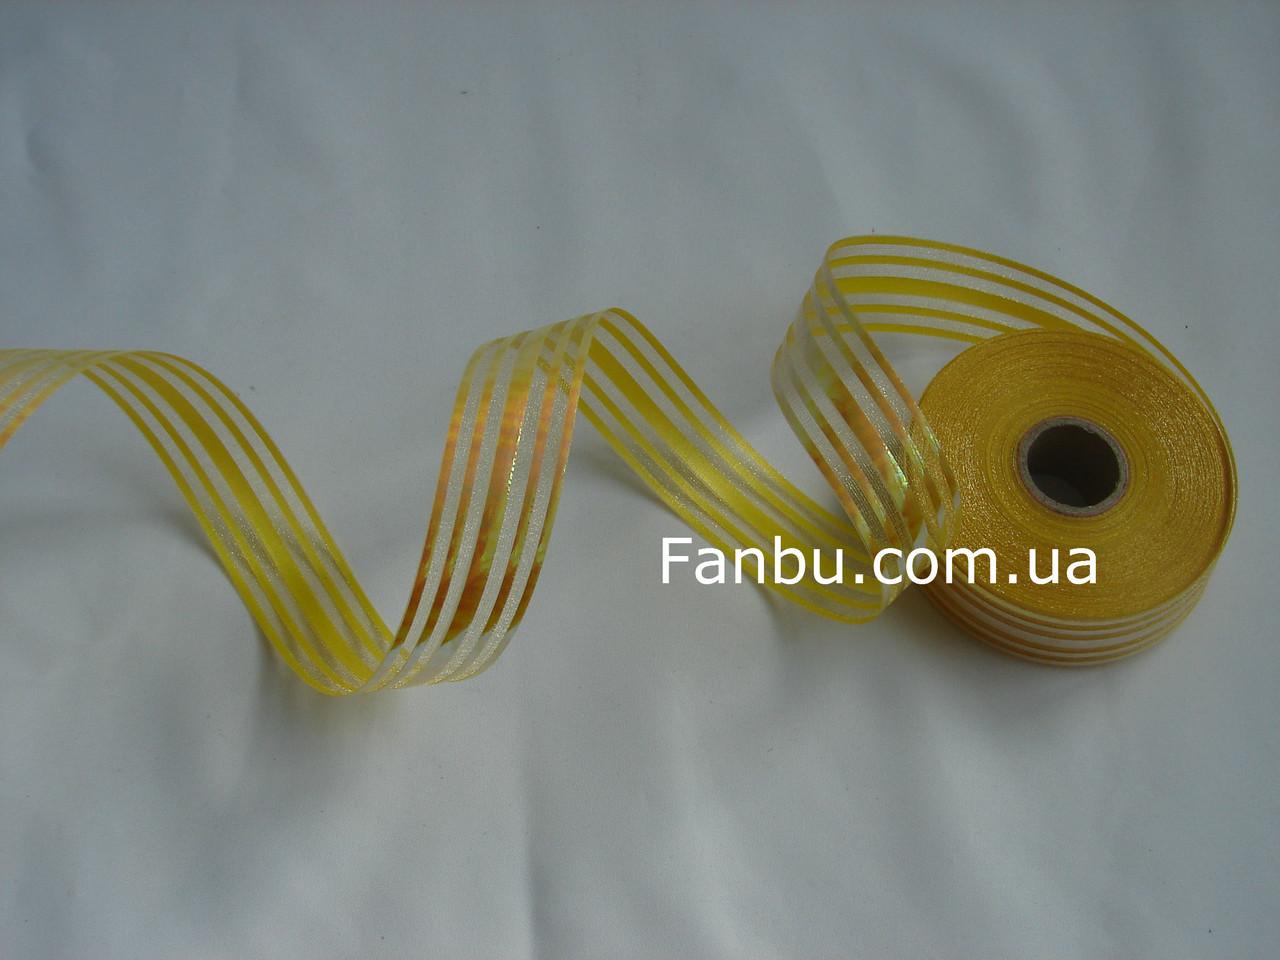 Желтая лента для бантов с красивым переливом (ширина 3 см), фото 1